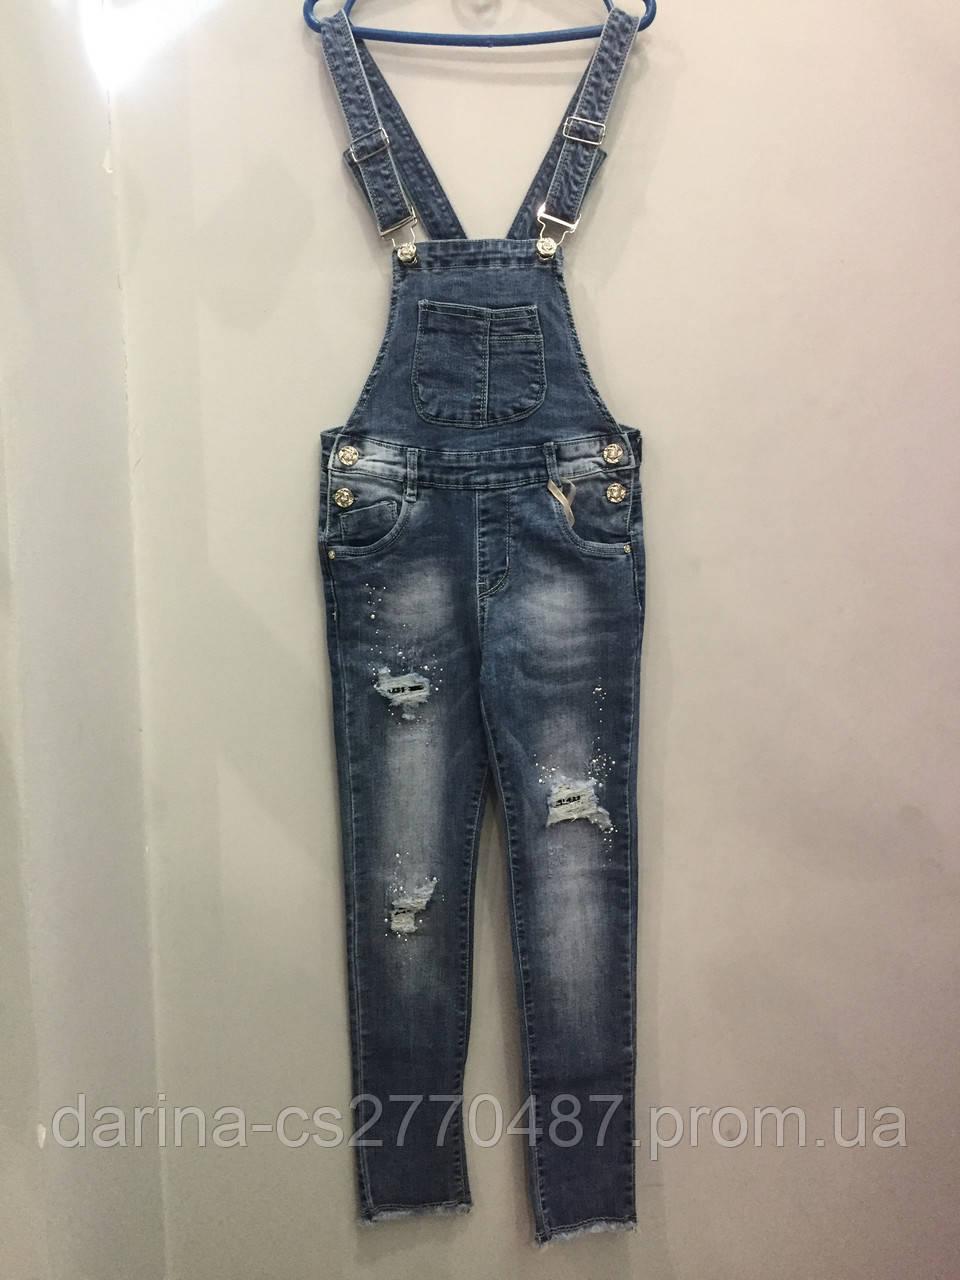 ca8c8a2ec3d Модный подростковый джинсовый комбинезон для девочки - Дарина - интернет  магазин детской и мужской одежды.